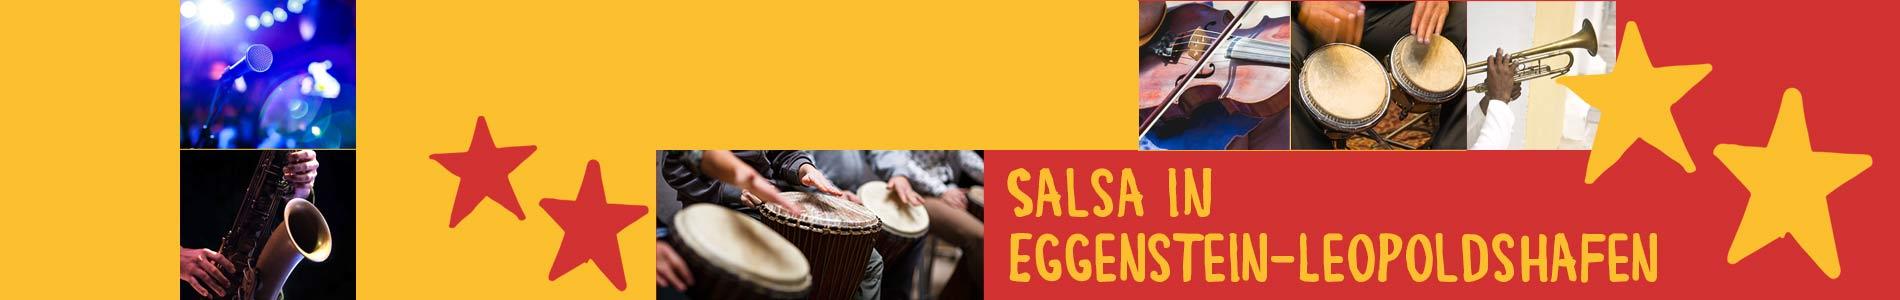 Salsa in Eggenstein-Leopoldshafen – Salsa lernen und tanzen, Tanzkurse, Partys, Veranstaltungen